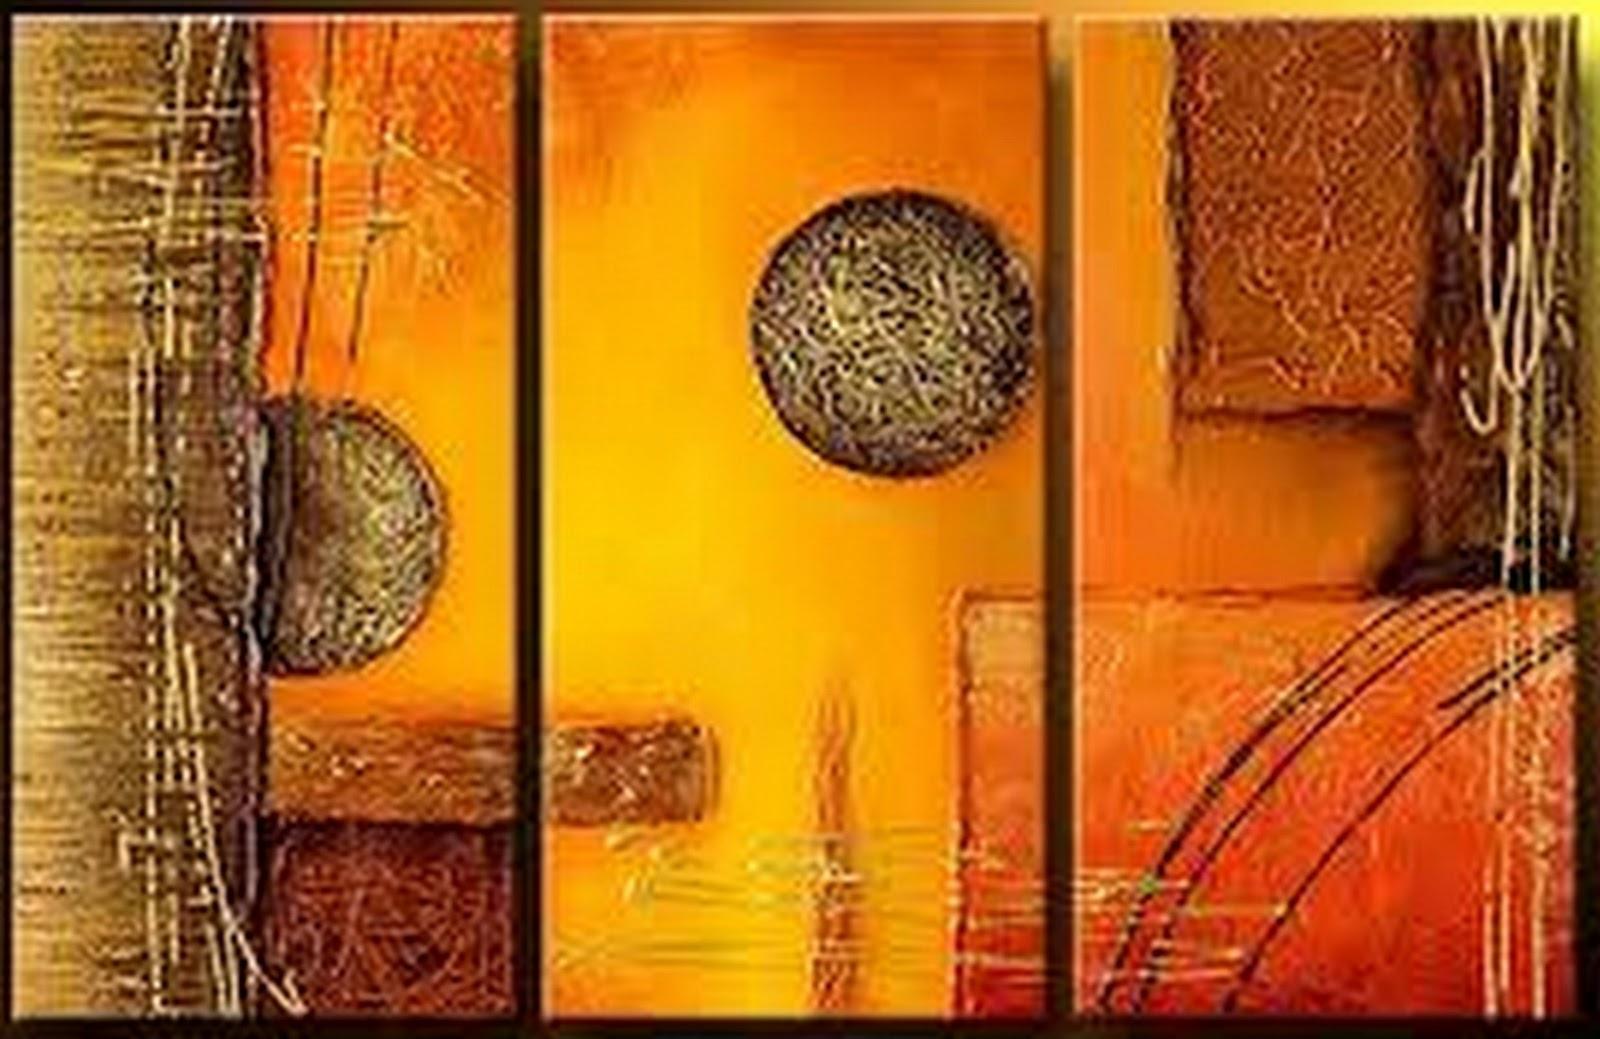 Pintura moderna y fotograf a art stica fotos de cuadros - Cuadros figurativos modernos ...